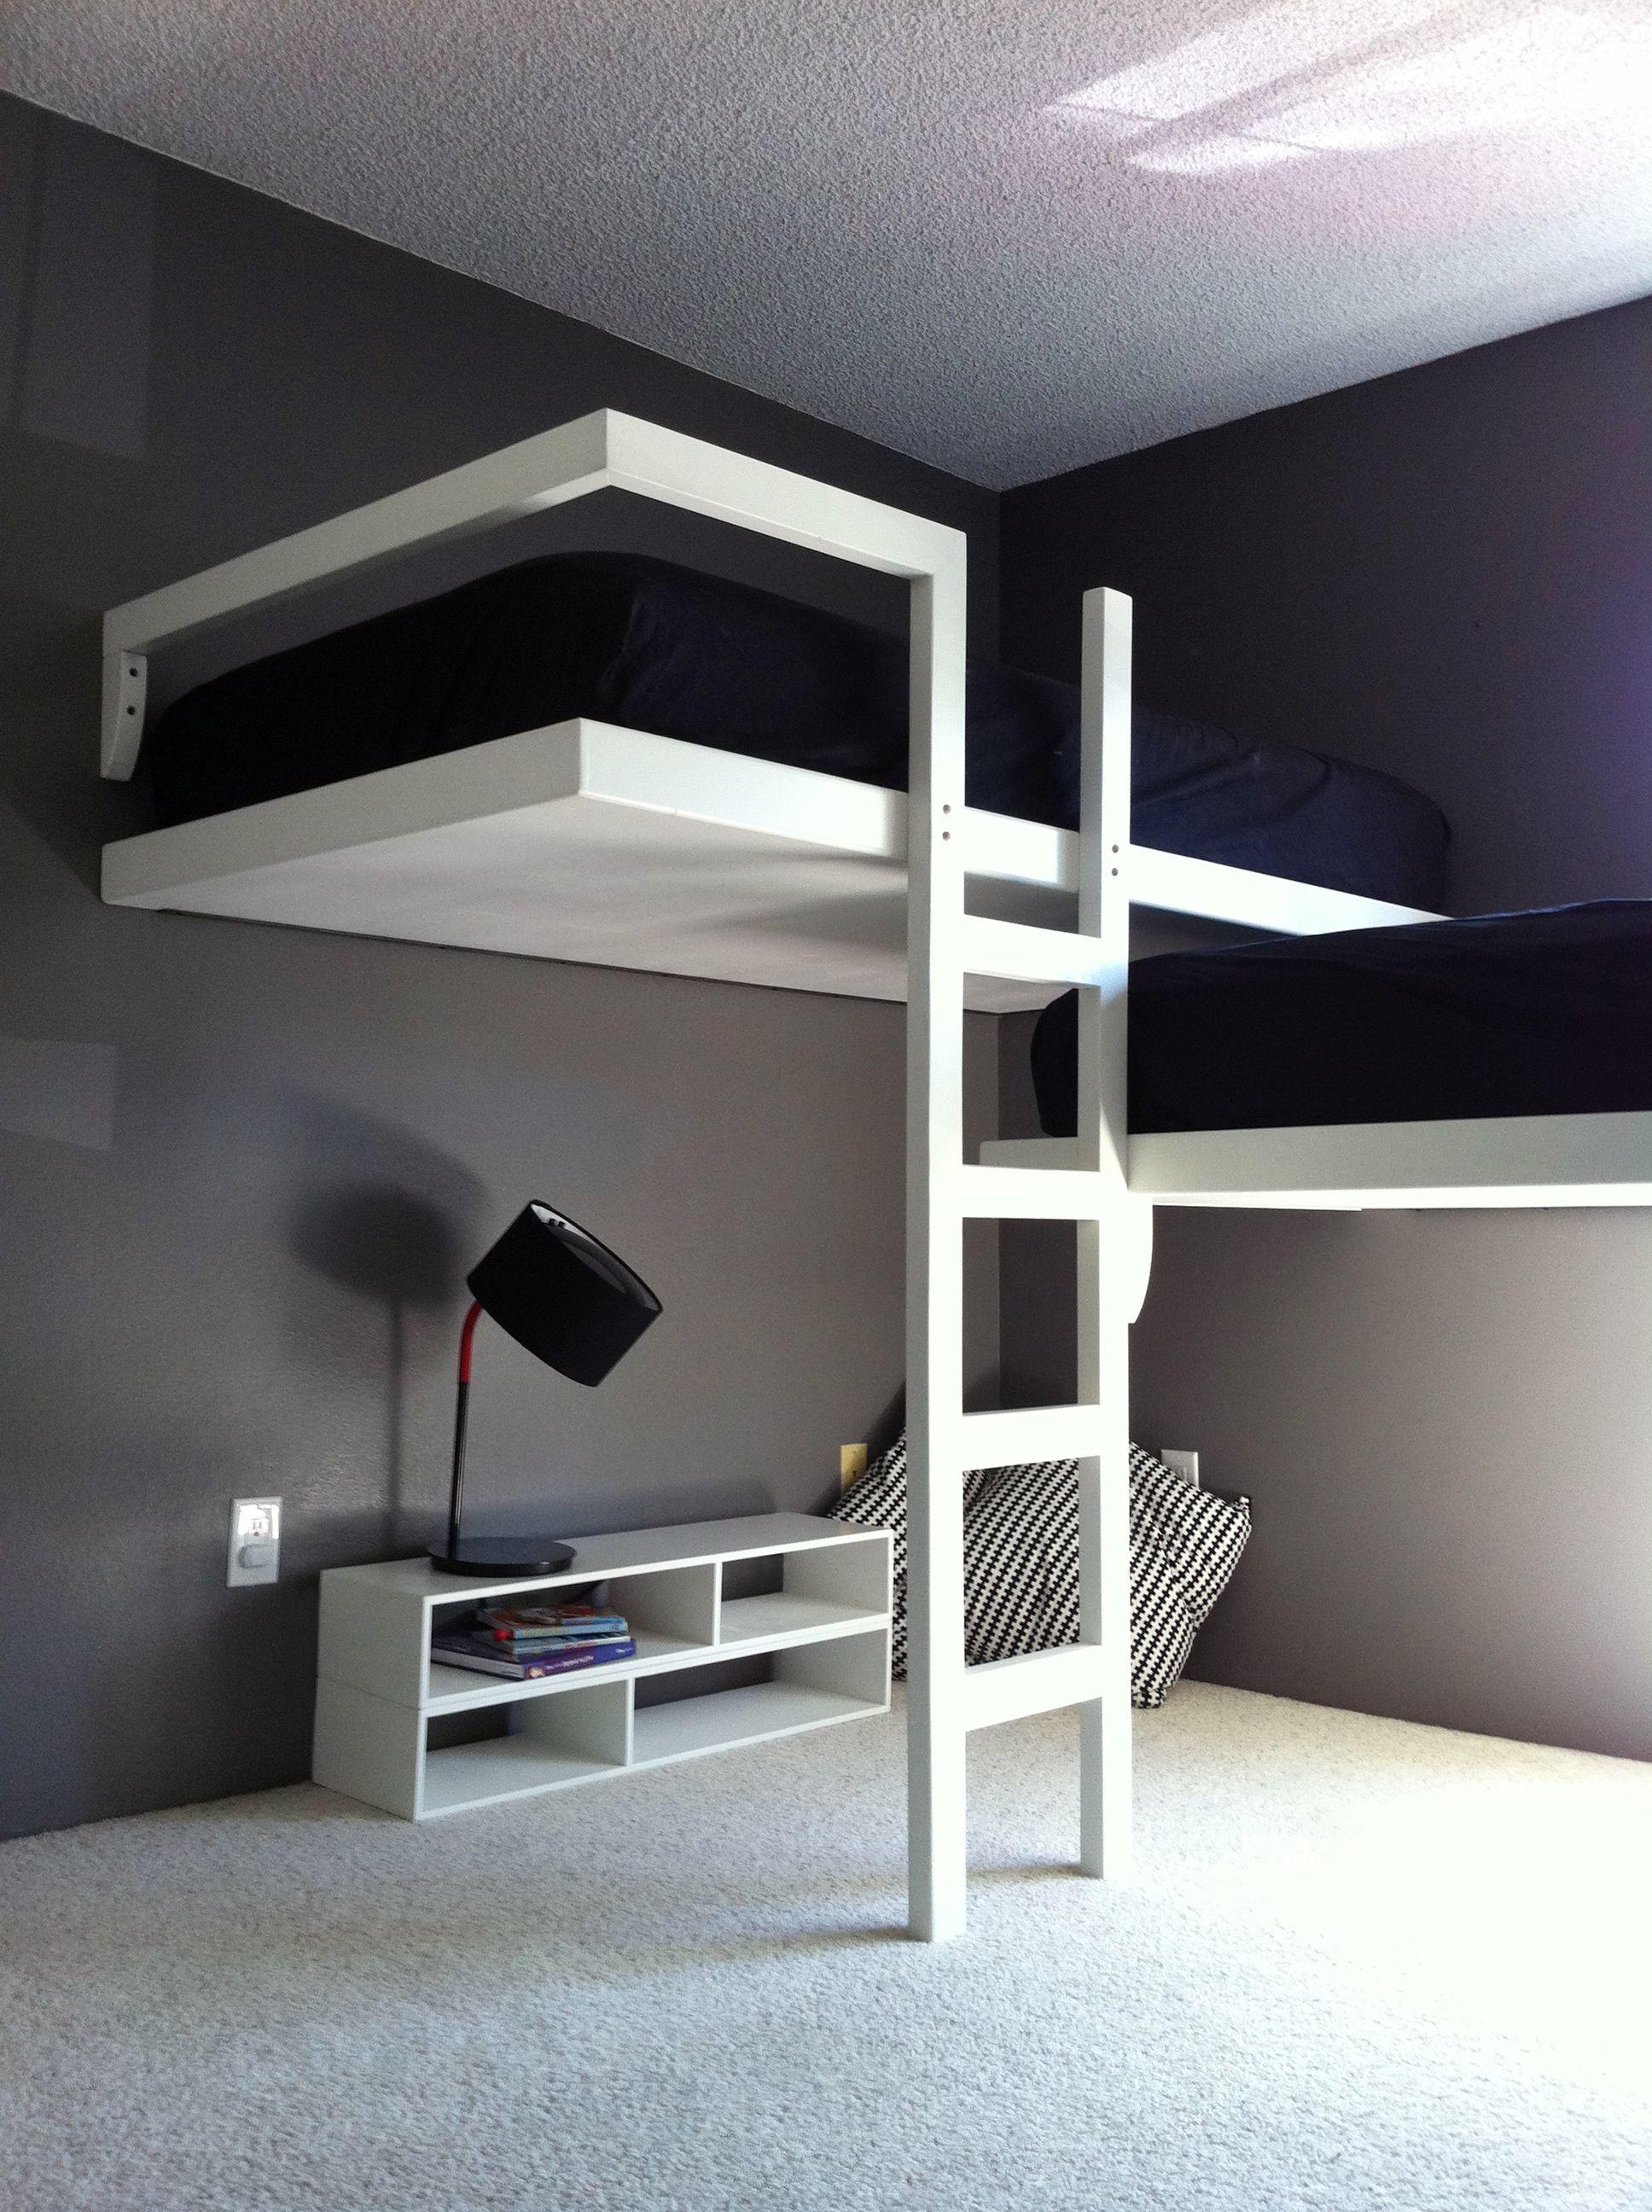 Design Fab llc Cool puter setups and gaming loft bed setup Custom